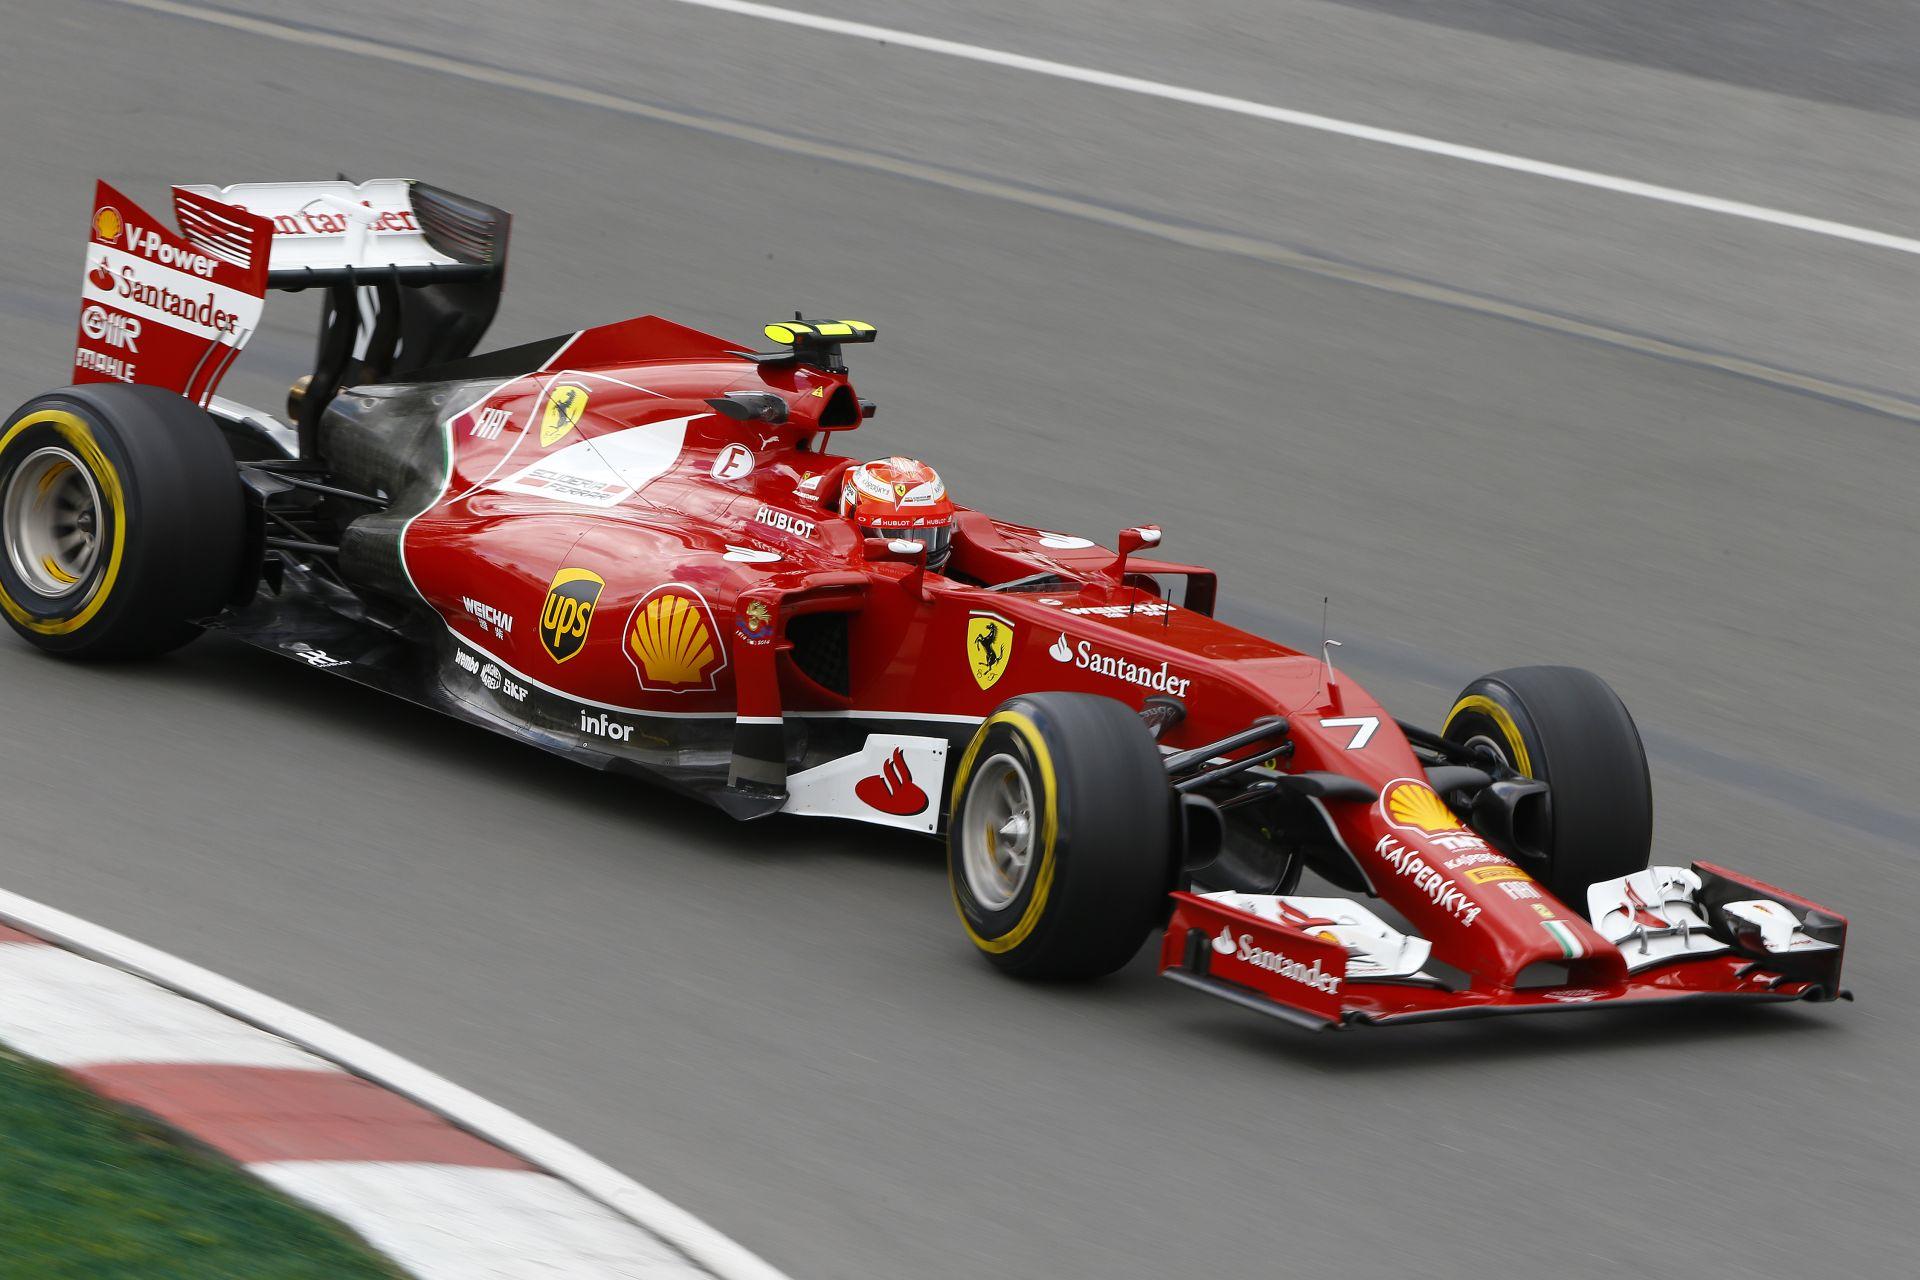 Egy új fejlesztési csomagot kaphat Raikkönen a Ferraritól